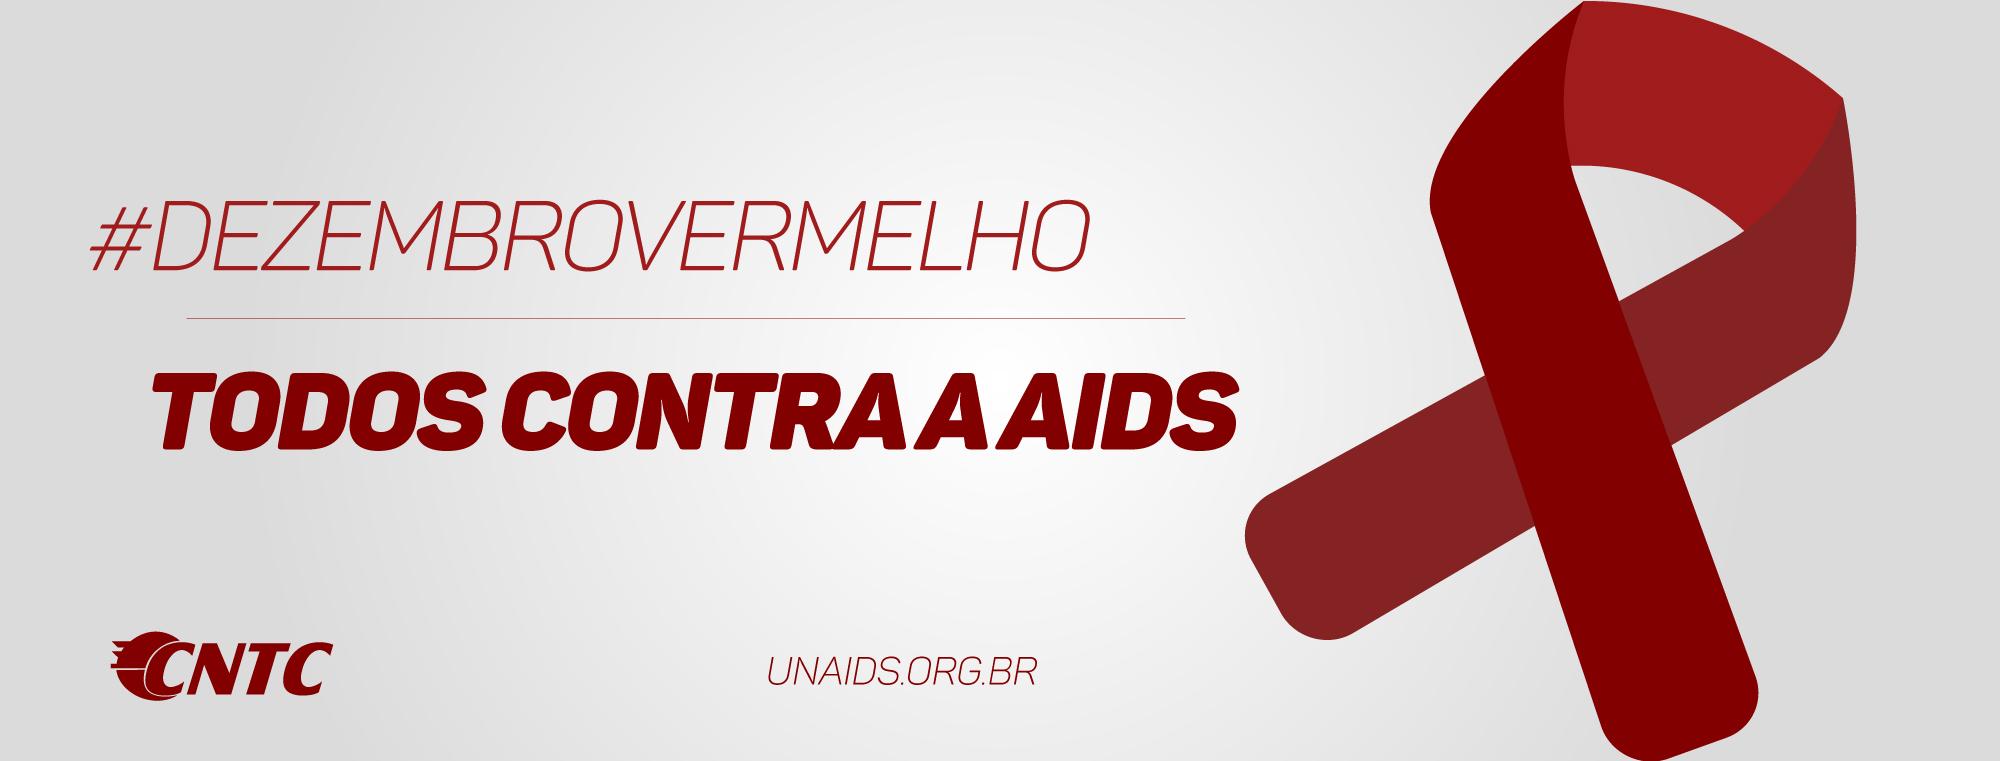 Dezembro Vermelho AIDS CNTC